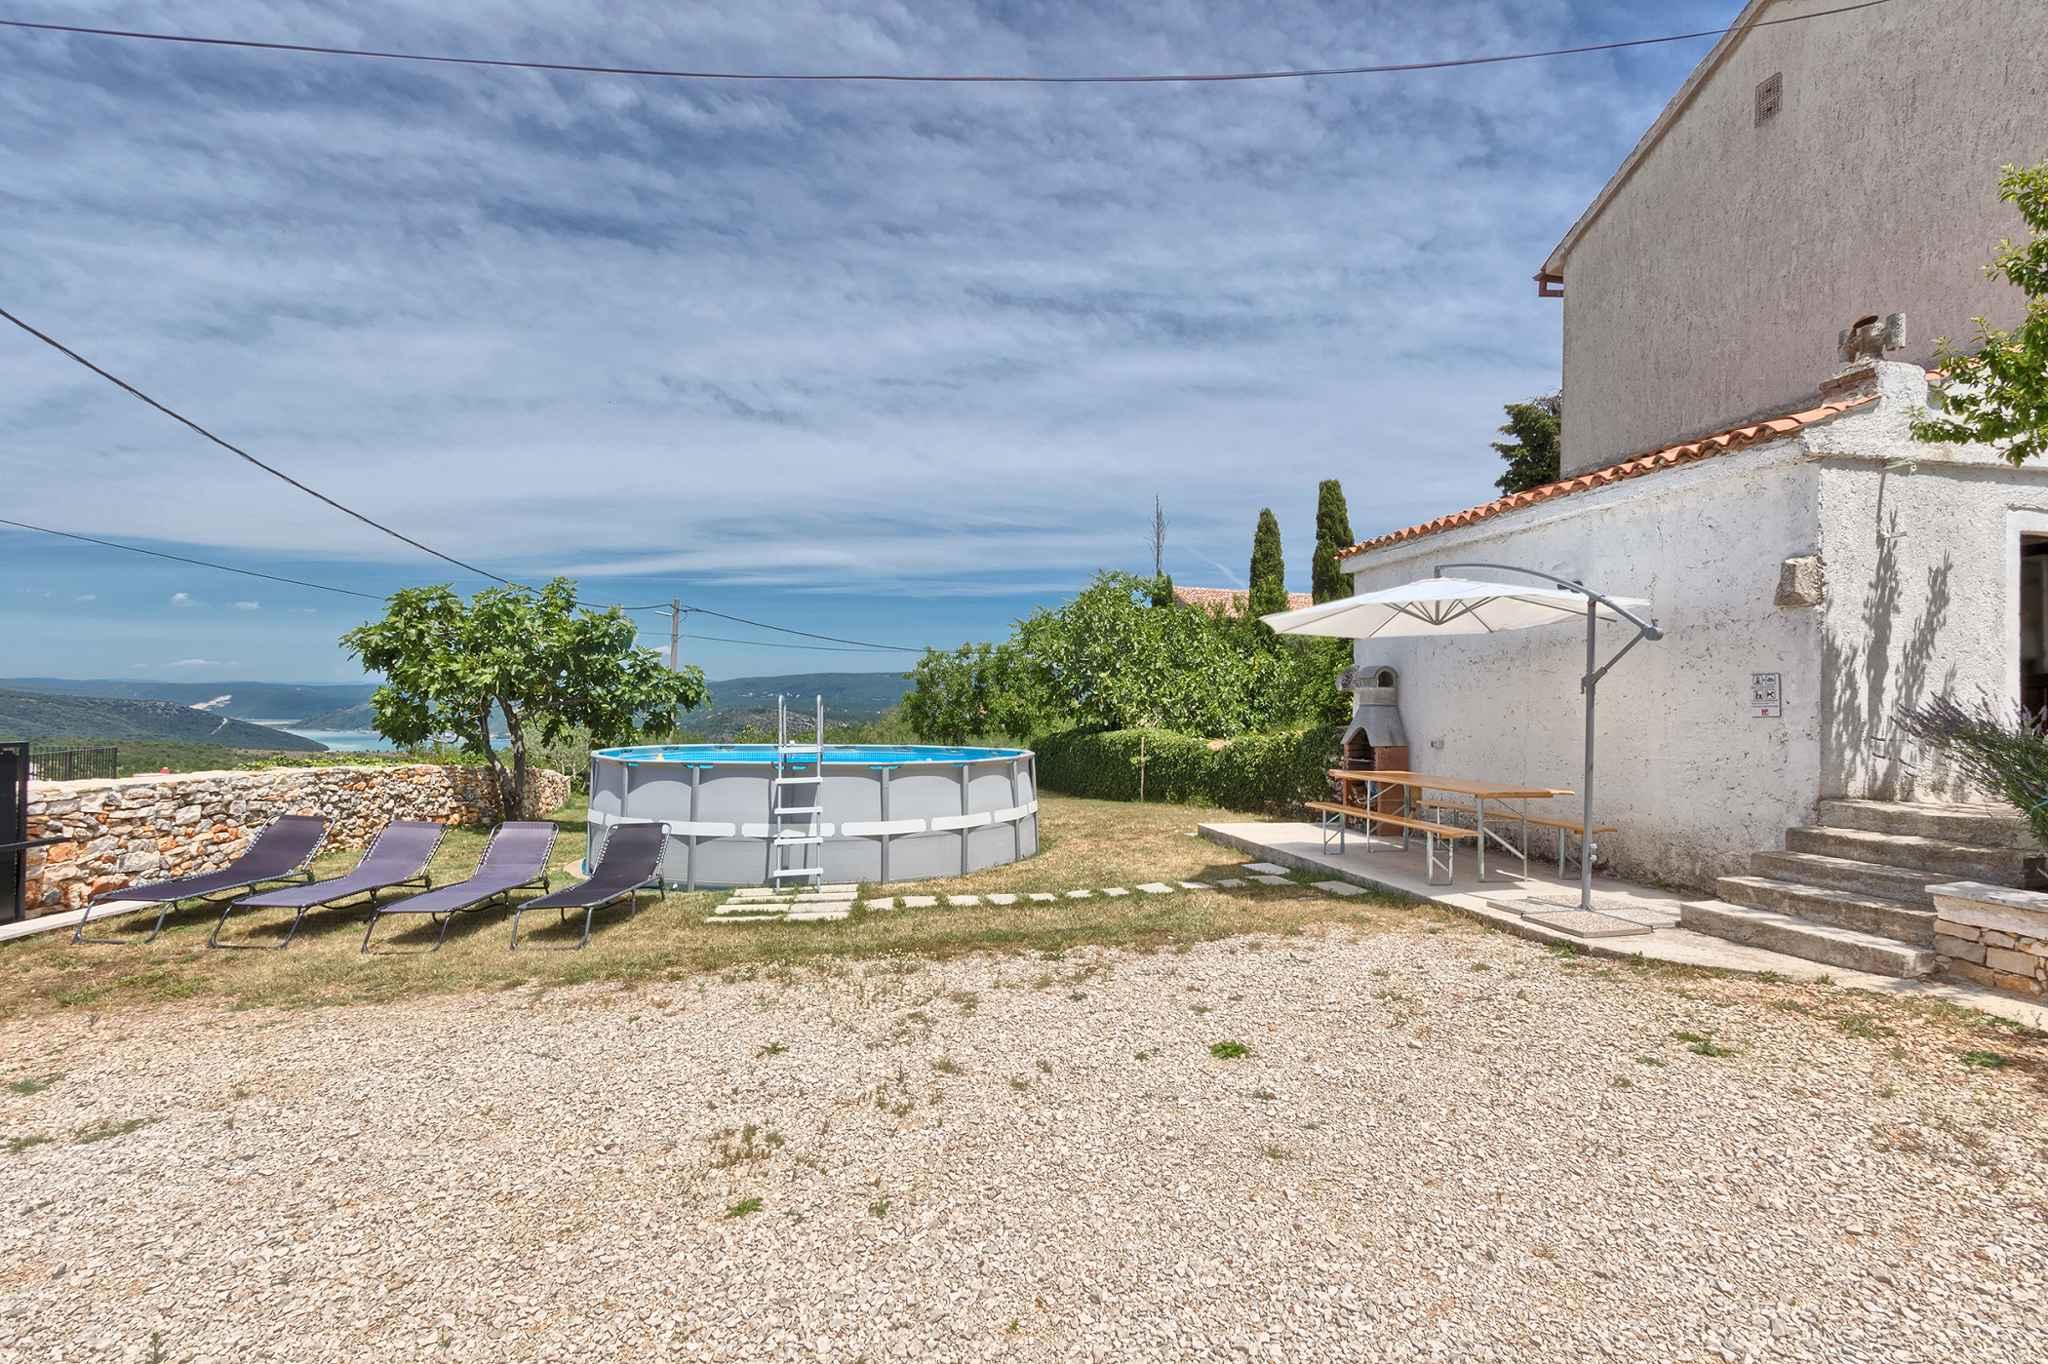 Ferienhaus mit Aussenpool im Dorf (974973), Marcana, , Istrien, Kroatien, Bild 2